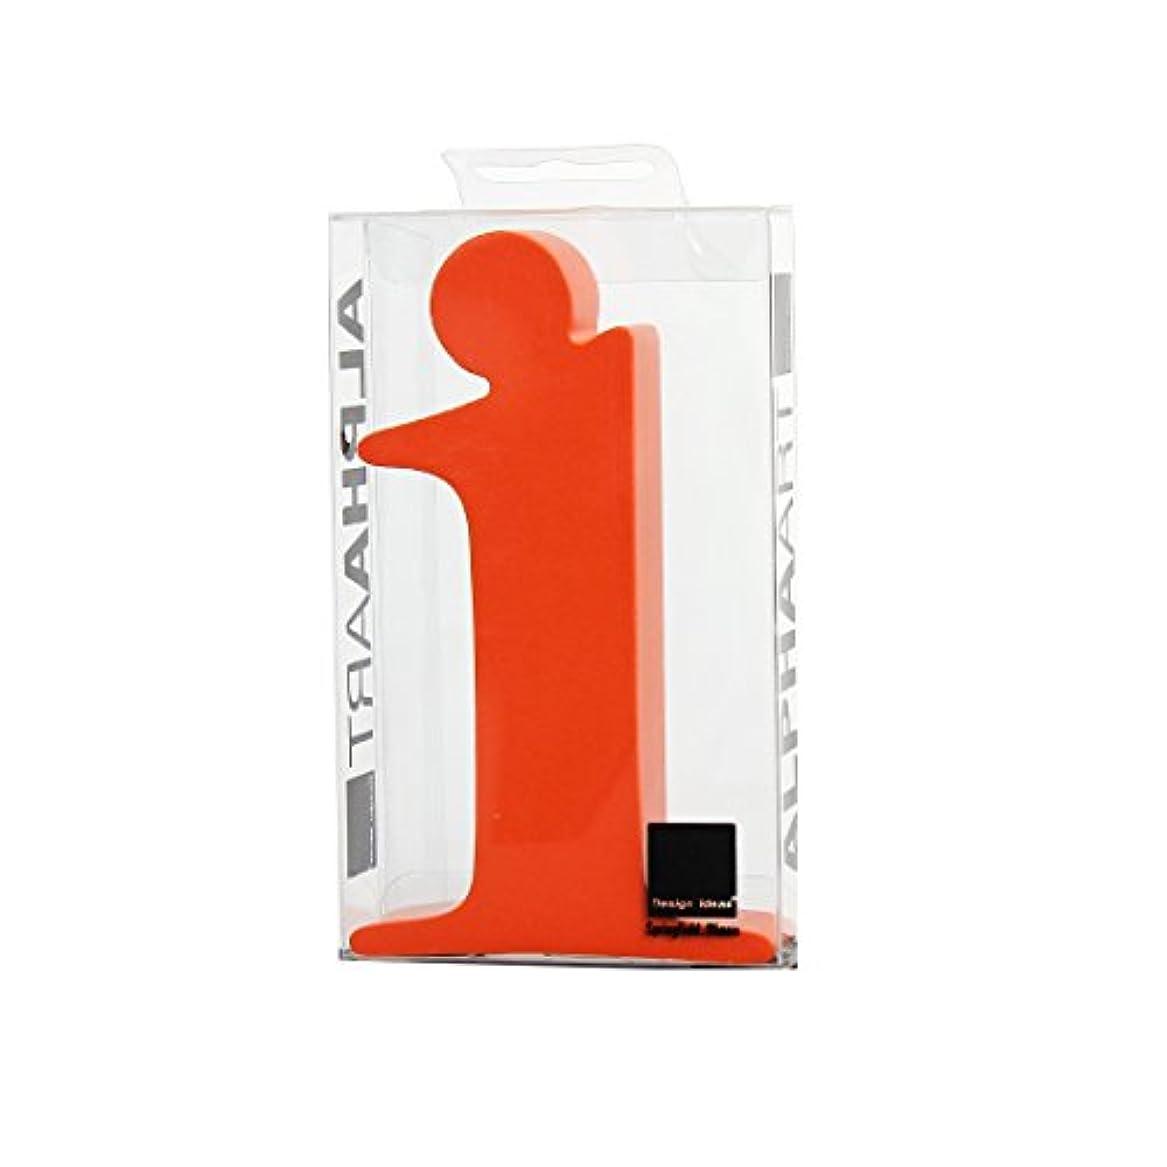 広いアドバンテージ温帯カメヤマキャンドルハウス アルファベットブロック カラフル  アルファアートスモールi 「 オレンジ 」